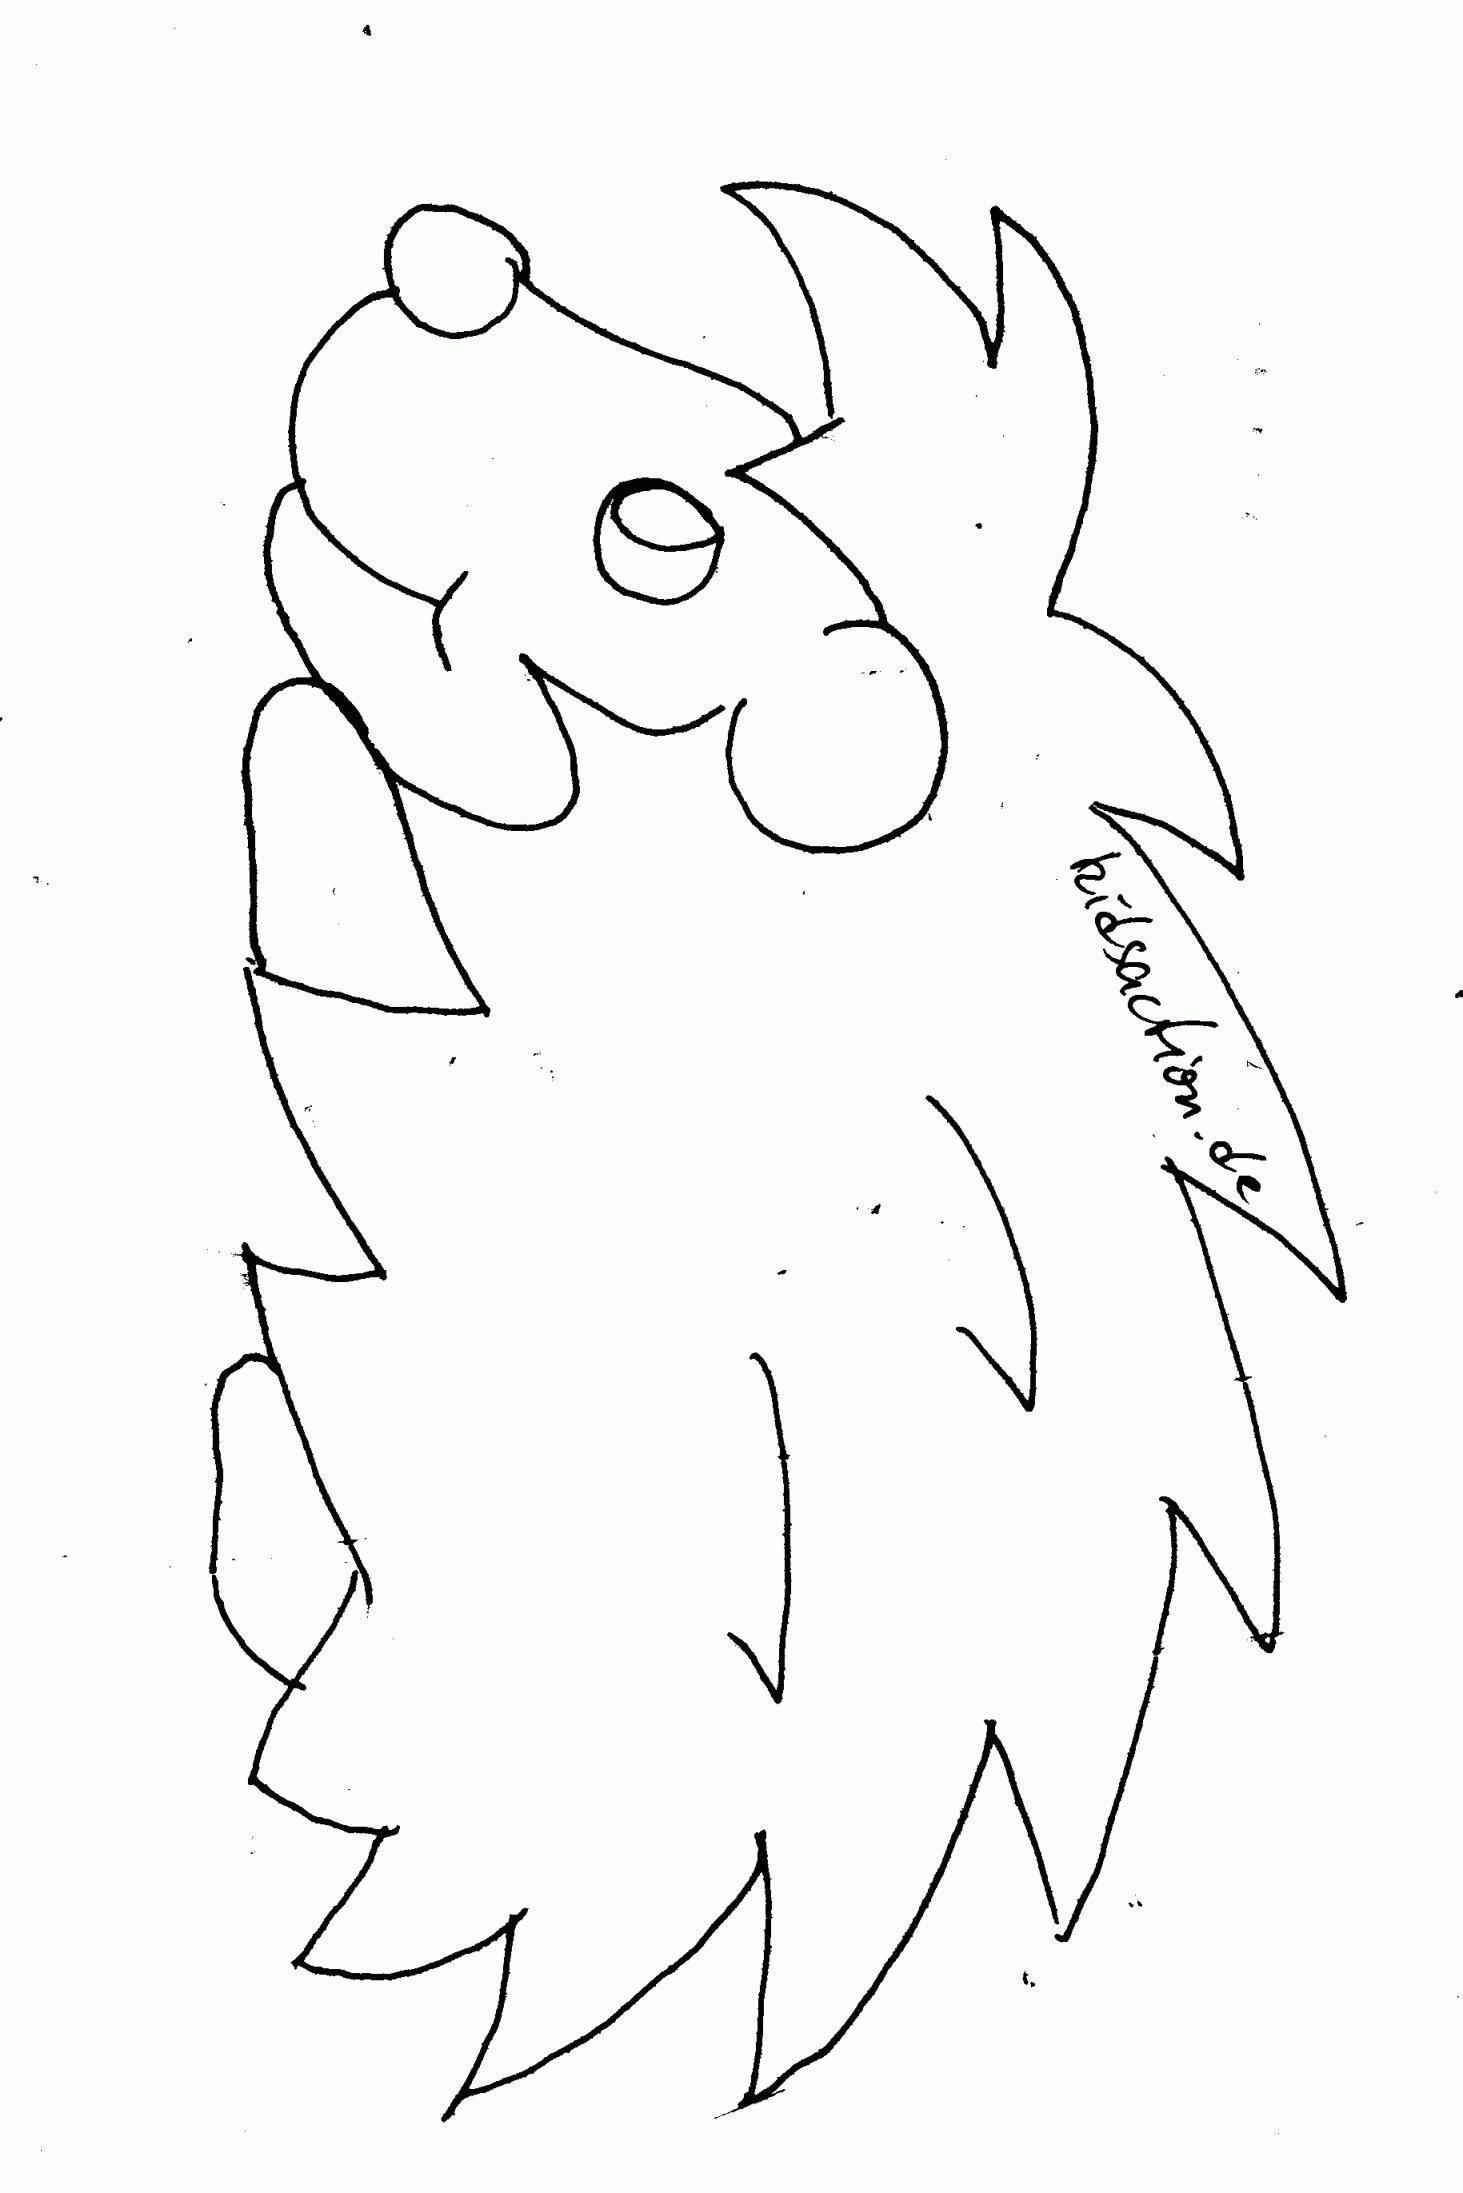 Papagei Zum Ausmalen Neu 40 Malvorlagen Garten Scoredatscore Elegant Tinkerbell Ausmalbilder Bilder